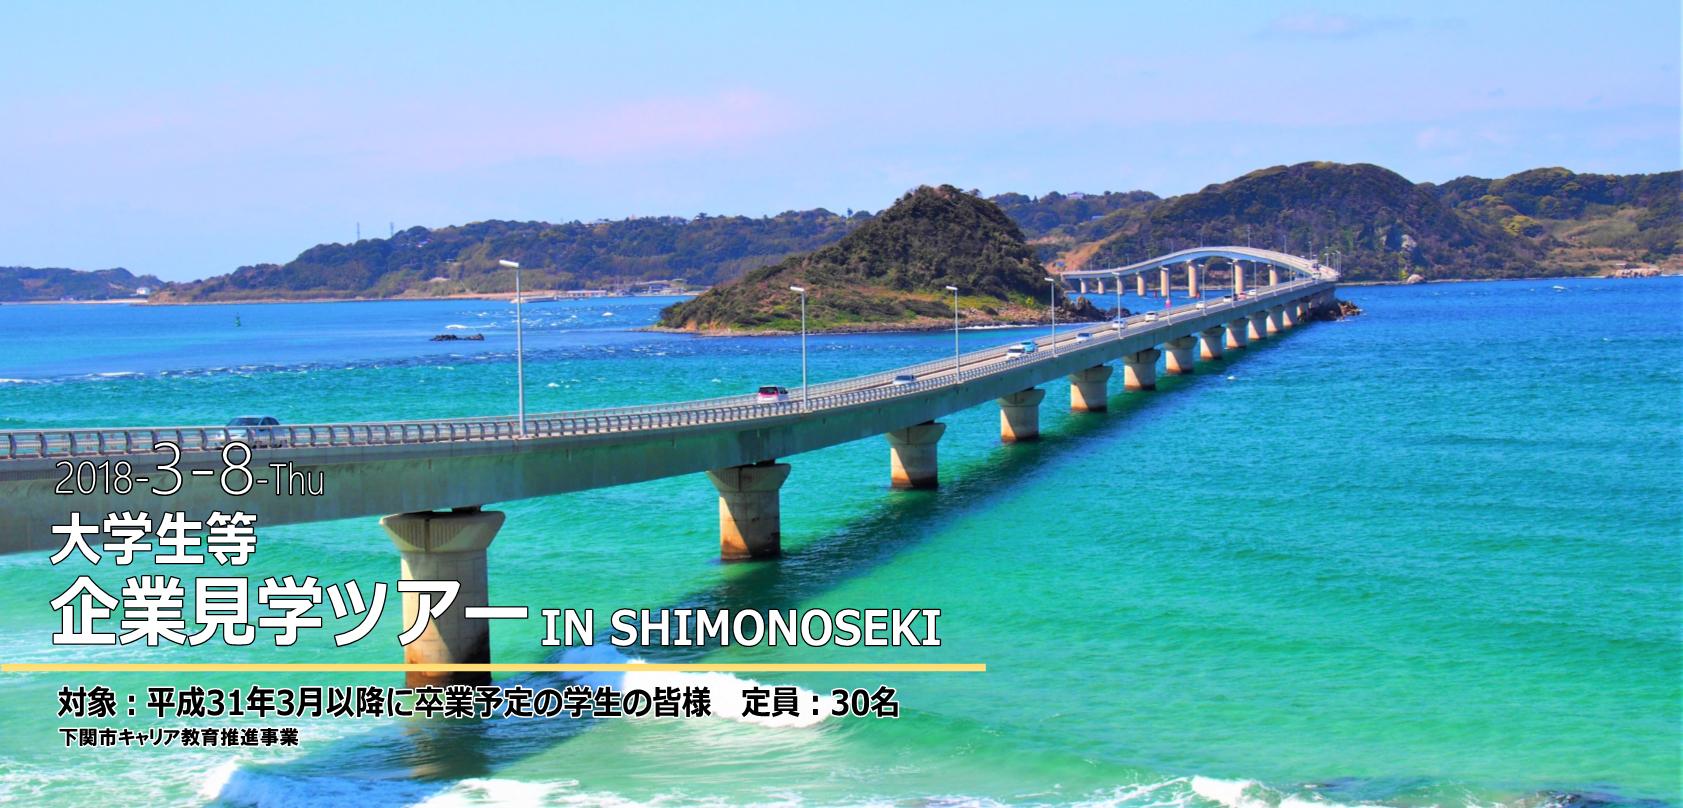 【下関市キャリア教育推進事業】大学生等企業見学ツアー IN SHIMONOSEKI